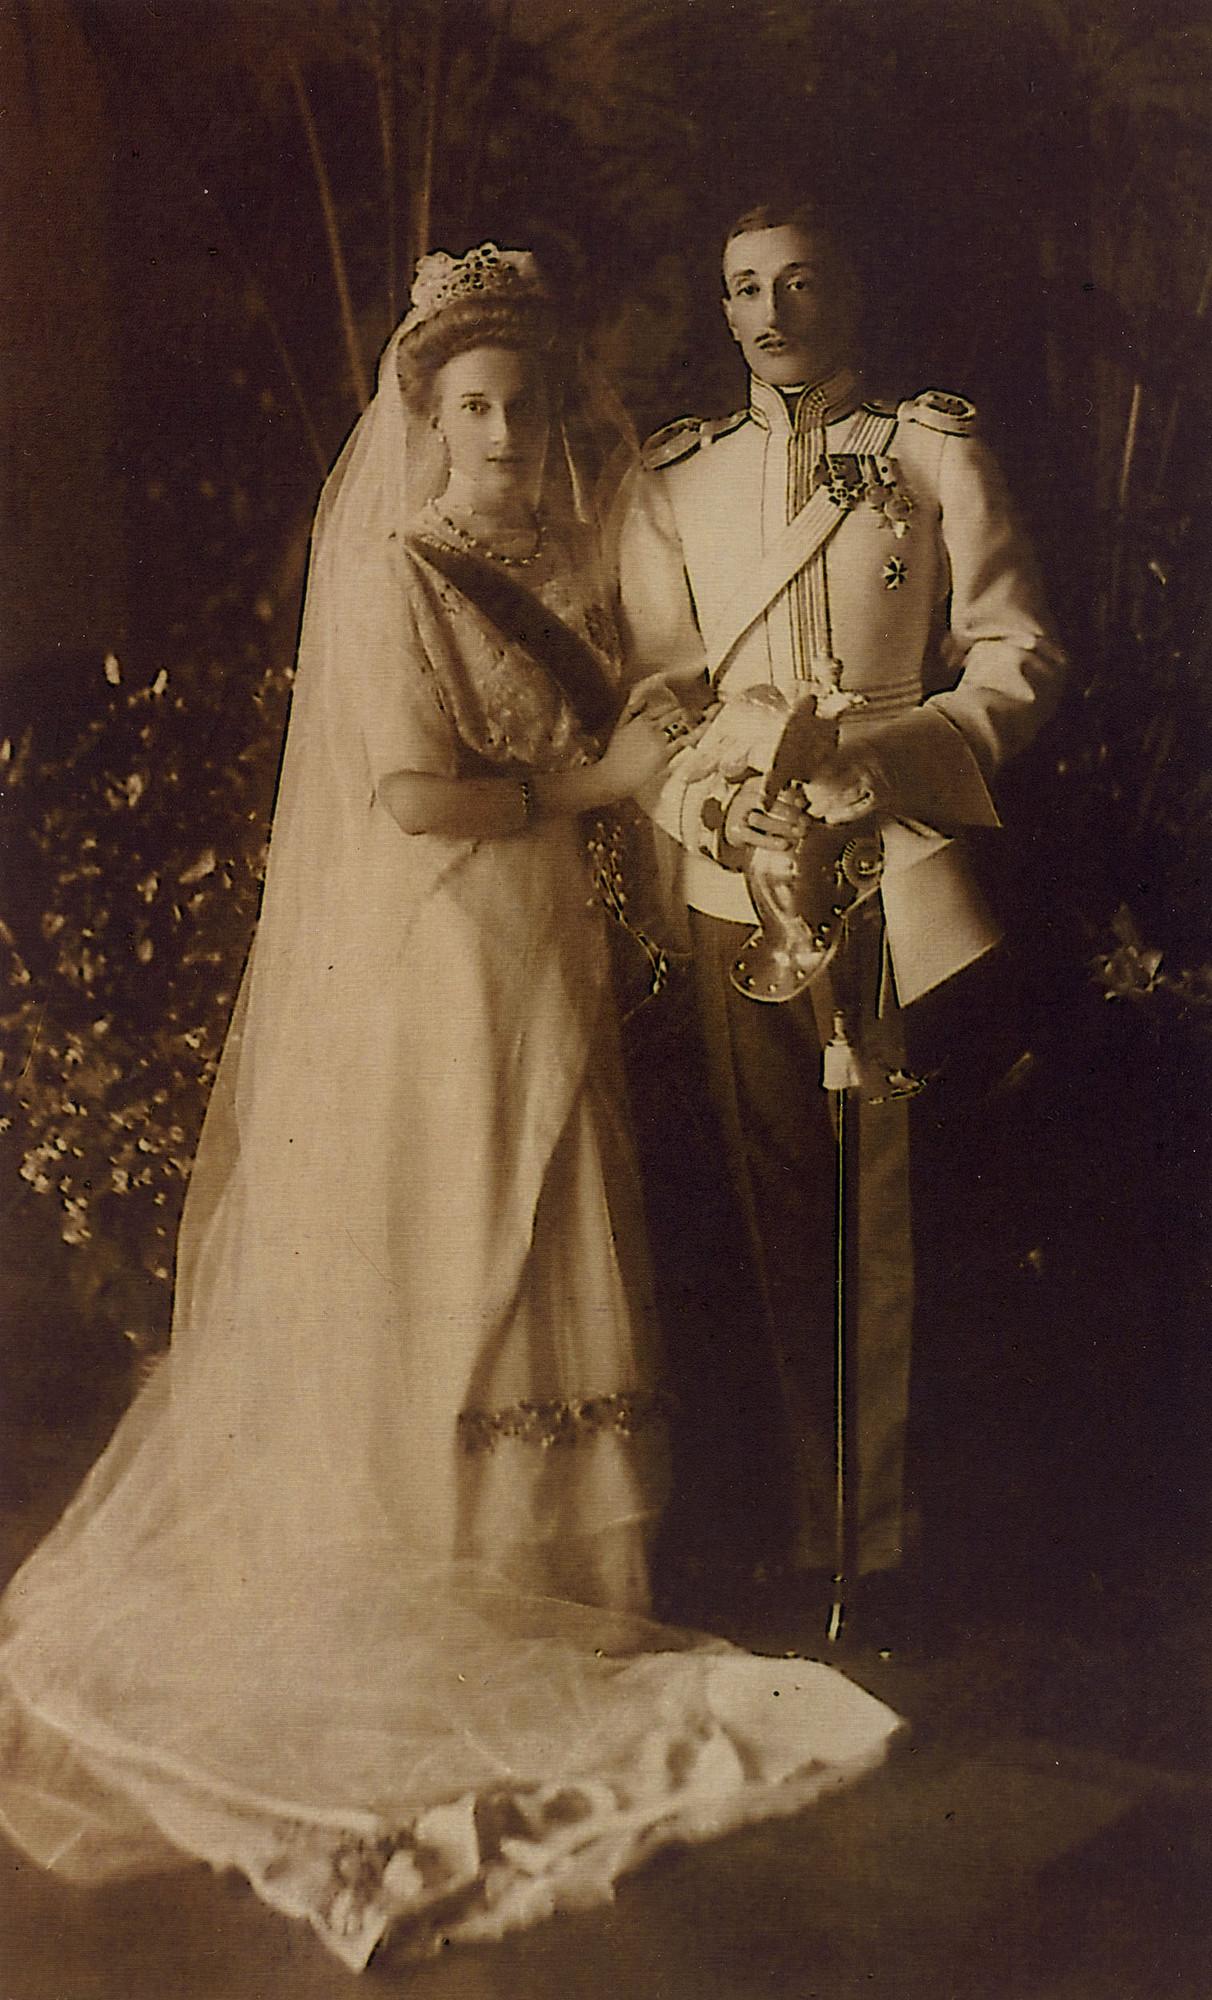 公妃タチアナ・コンスタンチノヴナとコンスタンチン・バグラティオニ=ムフランスキーんの結婚写真